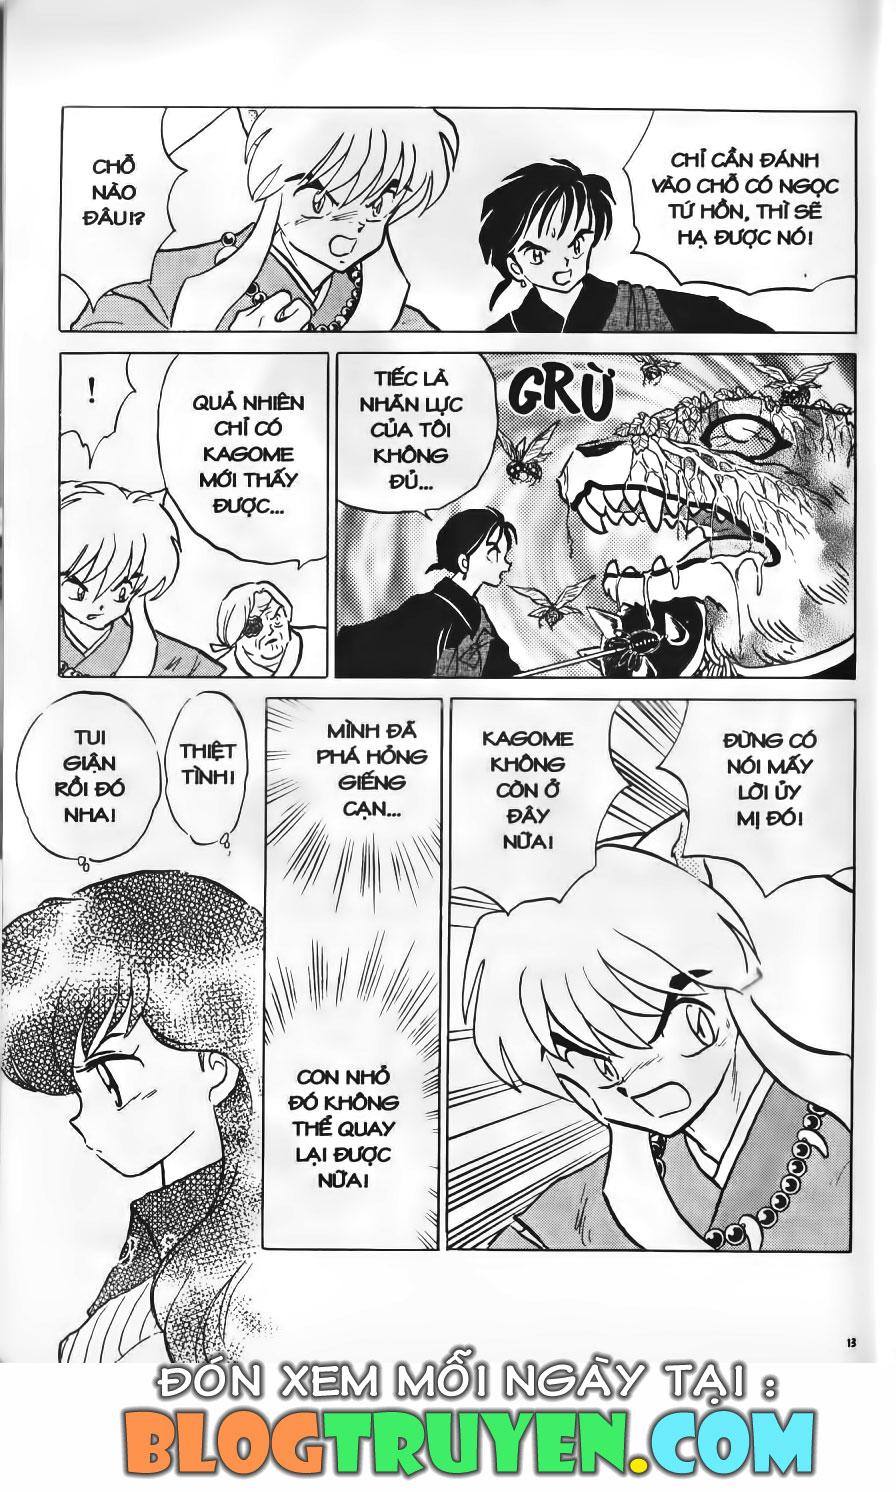 Inuyasha vol 08.1 trang 12